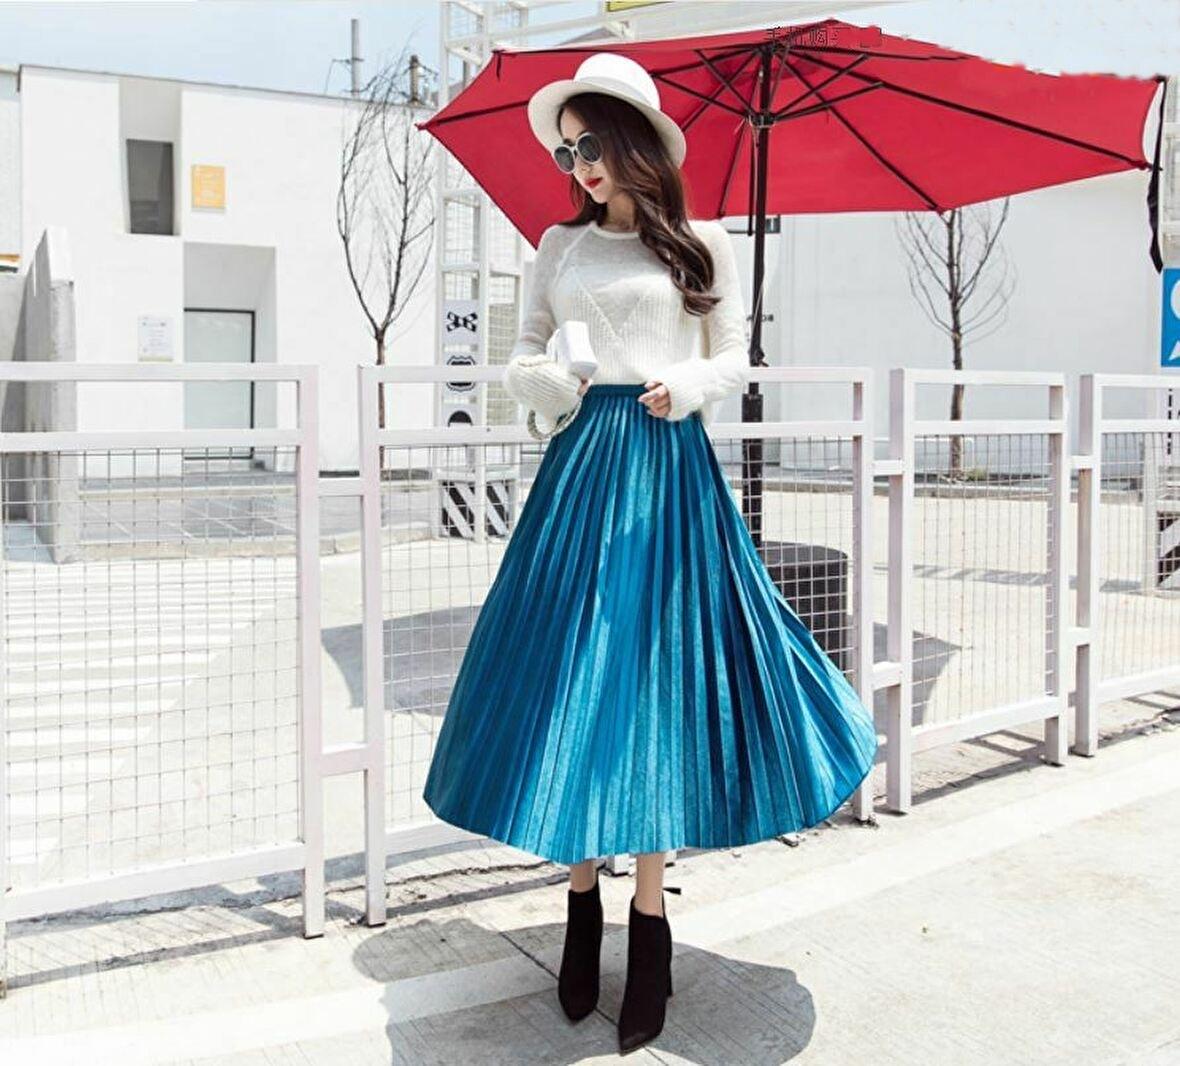 【新品】レディース スカート プリーツ ロング ベロア風 ブルー 青 秋 冬 おしゃれ かわいい ウエスト ゴム M_画像2